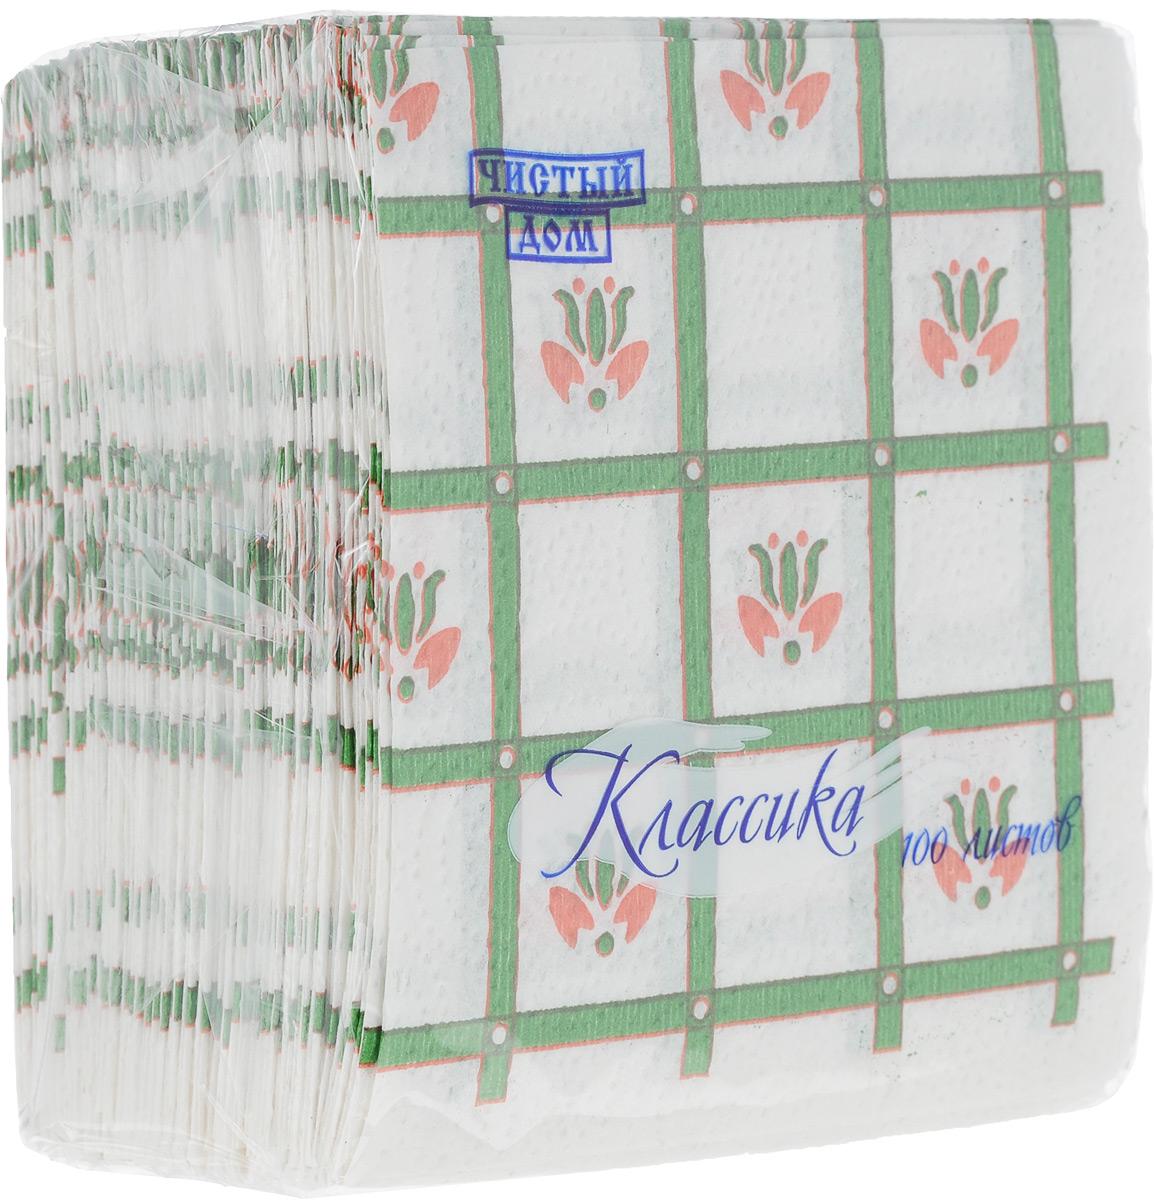 Салфетки бумажные Чистый дом Классика. Крупная клетка, однослойные, цвет: белый, зеленый, красный, 25 х 25 см, 100 шт4606920000043_зеленый, коричневыйОднослойные салфетки Чистый дом Классика. Крупная клетка выполнены из 100% целлюлозы. Салфетки подходят для косметического, санитарно-гигиенического и хозяйственного назначения. Нежные и мягкие, но в то же время прочные. Салфетки дополнены тиснением и ярким рисунком.Размер салфеток: 25 х 25 см.